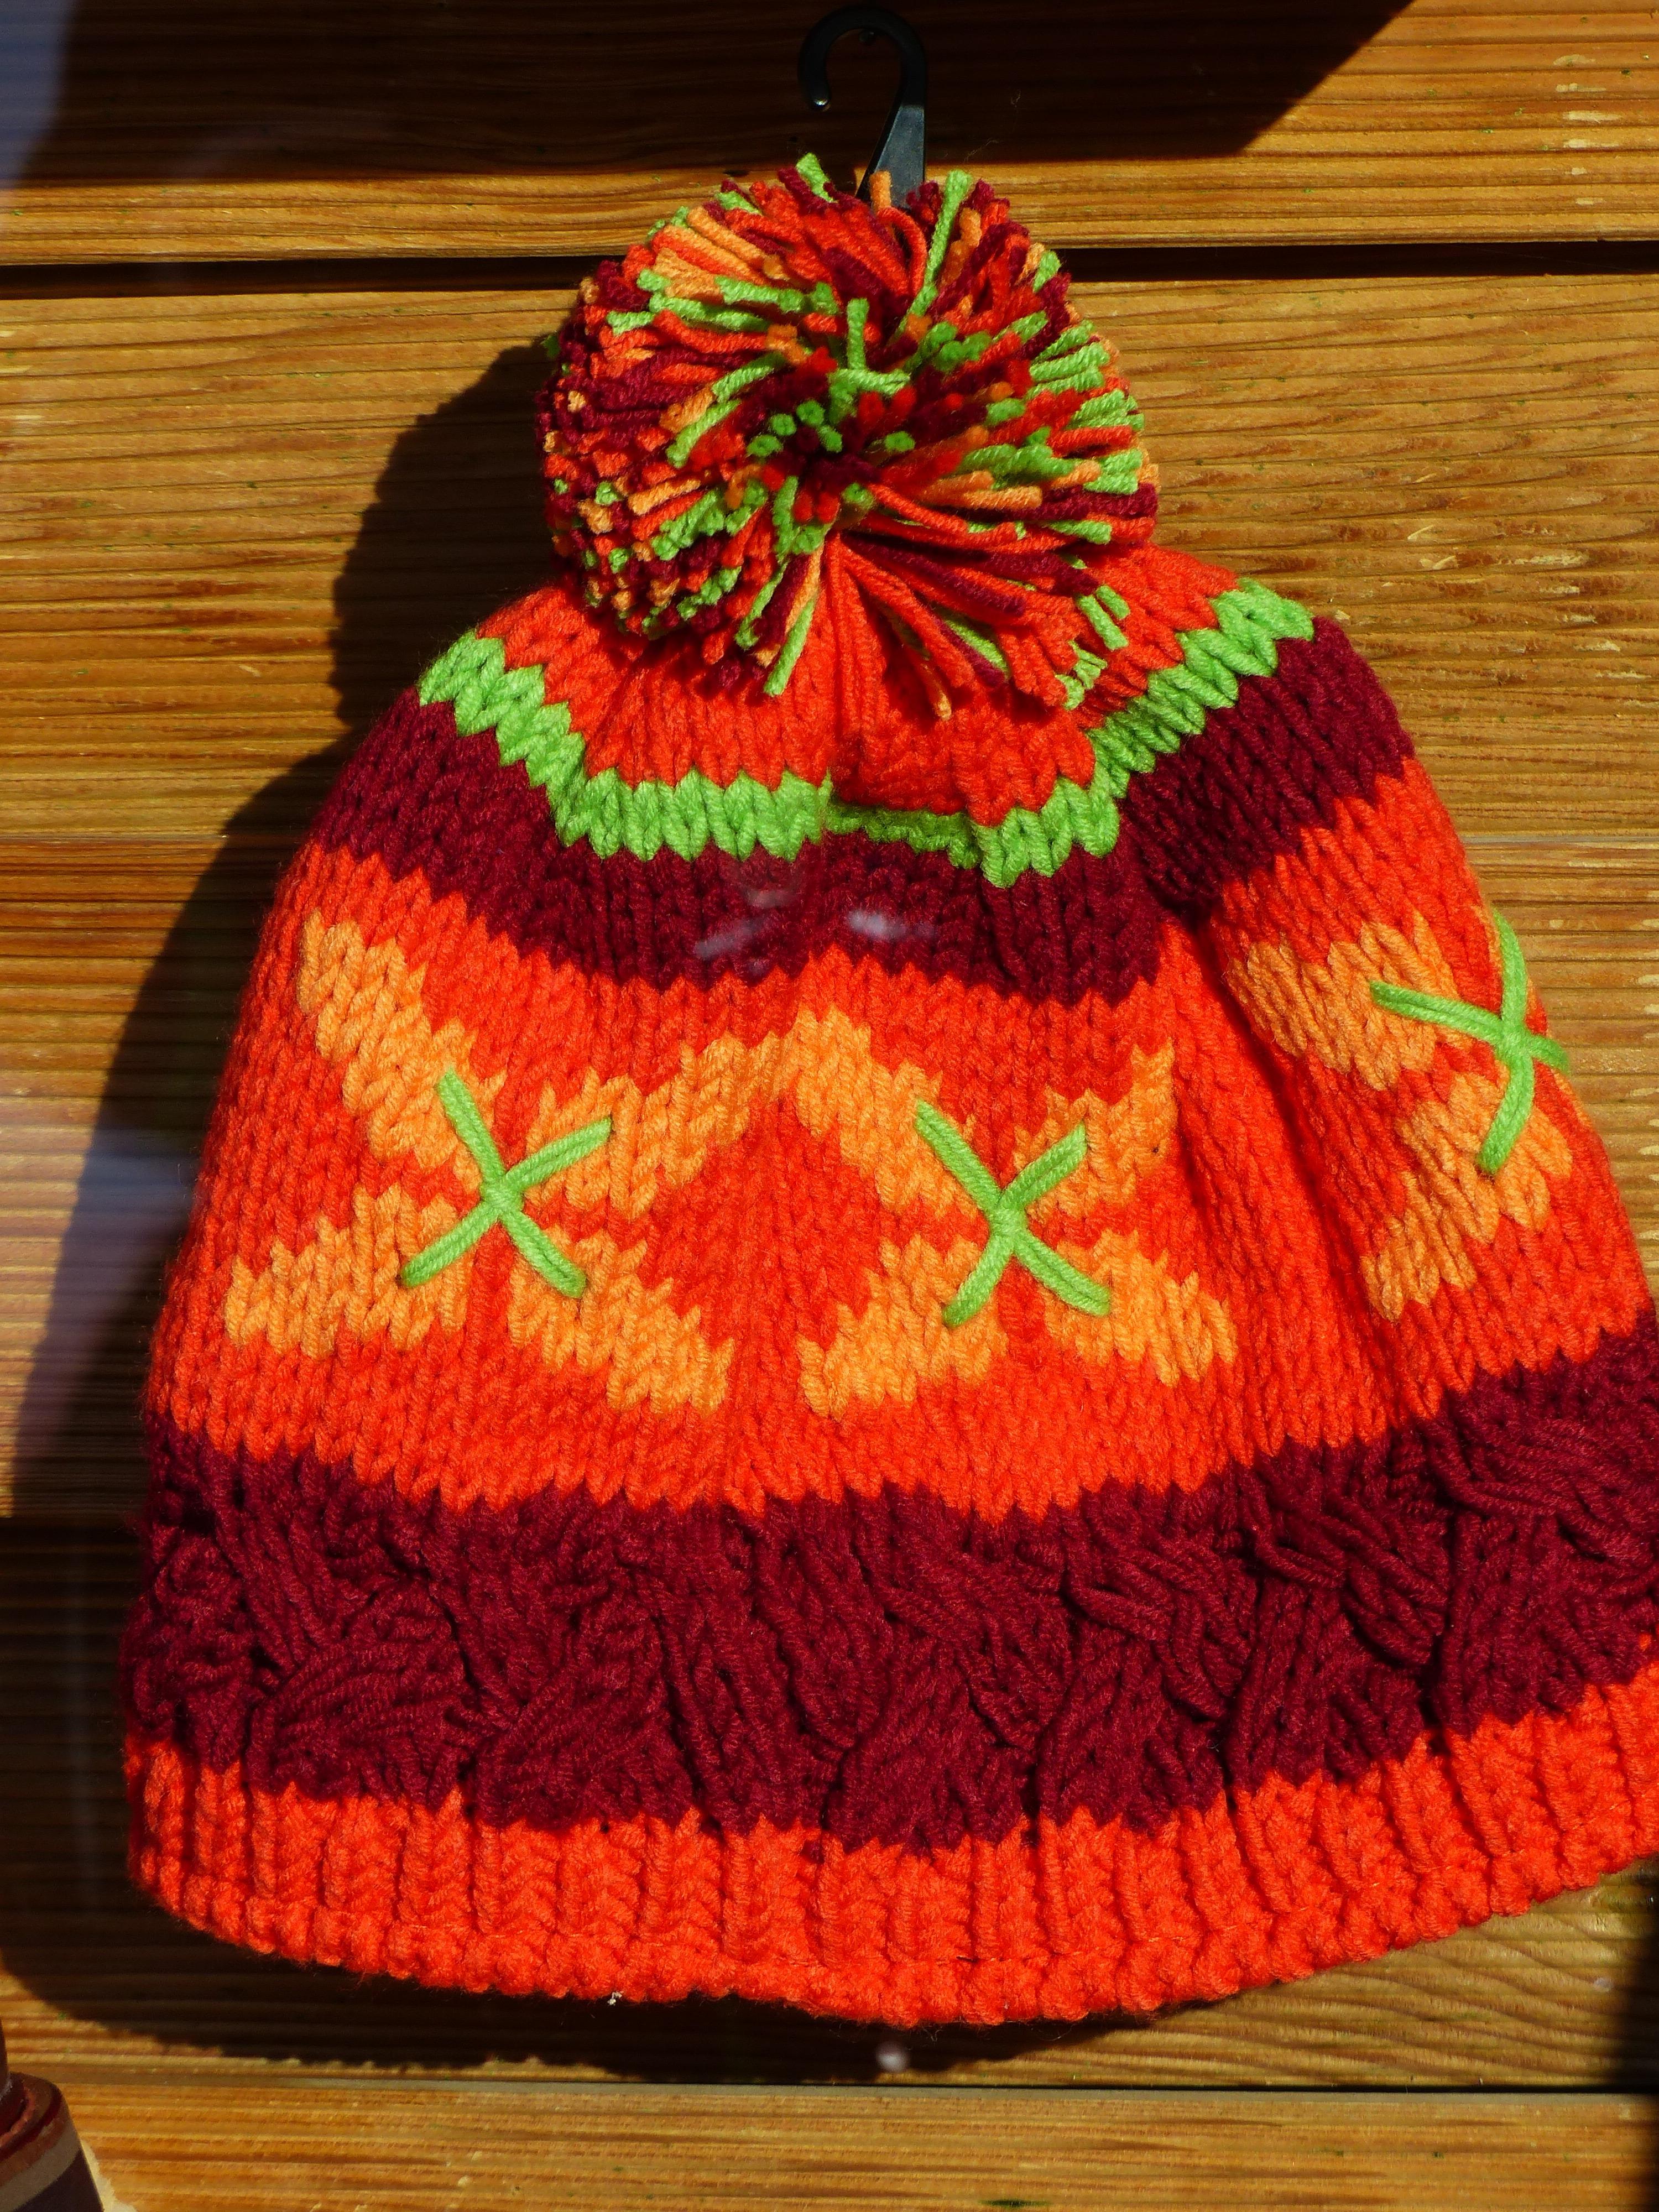 Fotos gratis : calentar, naranja, patrón, rojo, sombrero, ropa ...